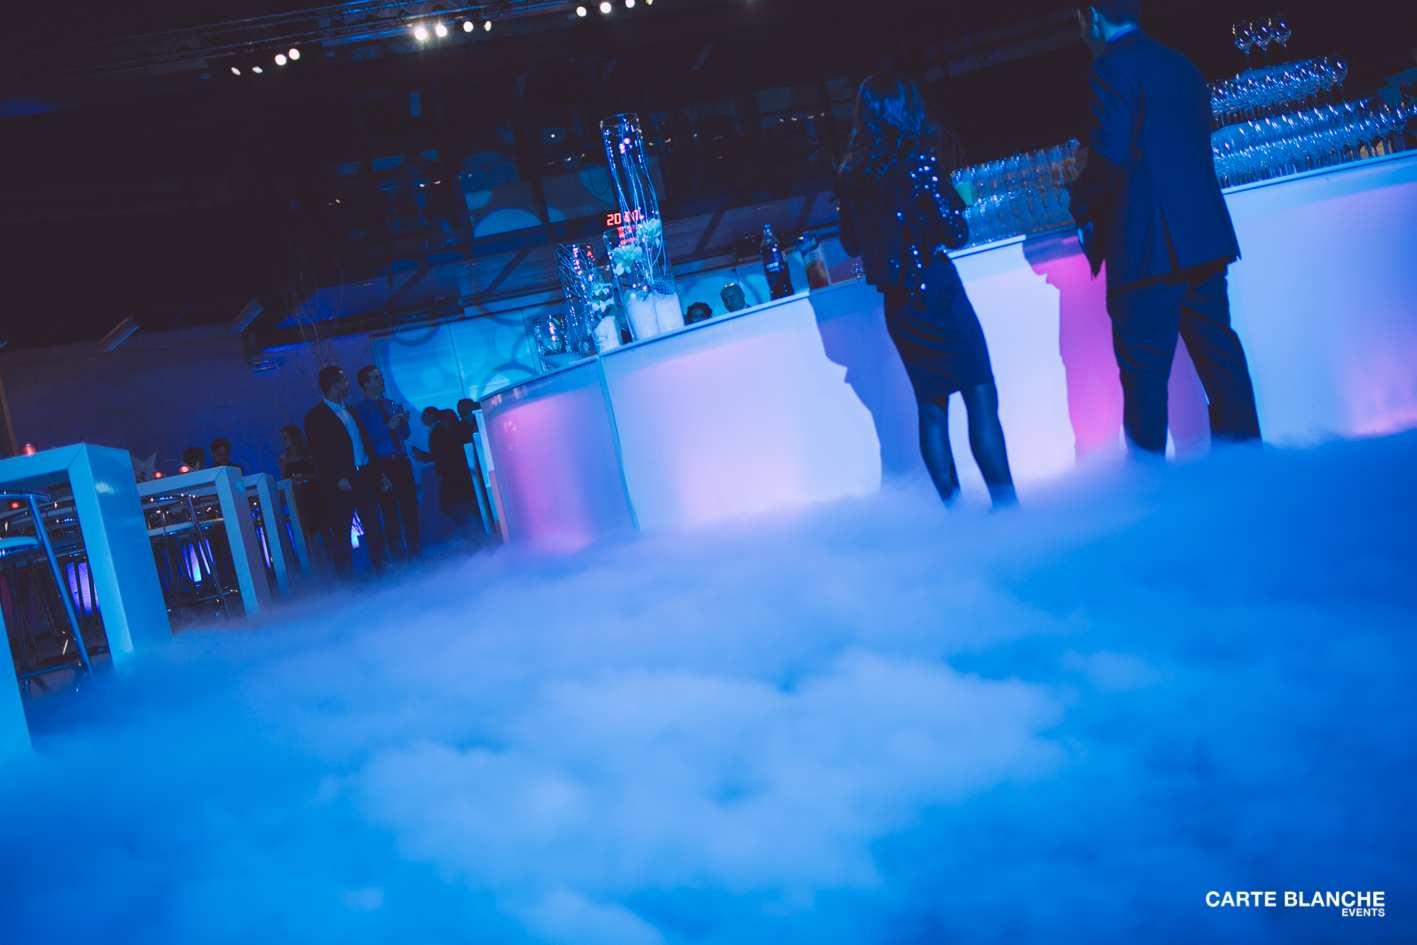 xmas-party-ferrero-2013-projet-carte-blanche-évenement